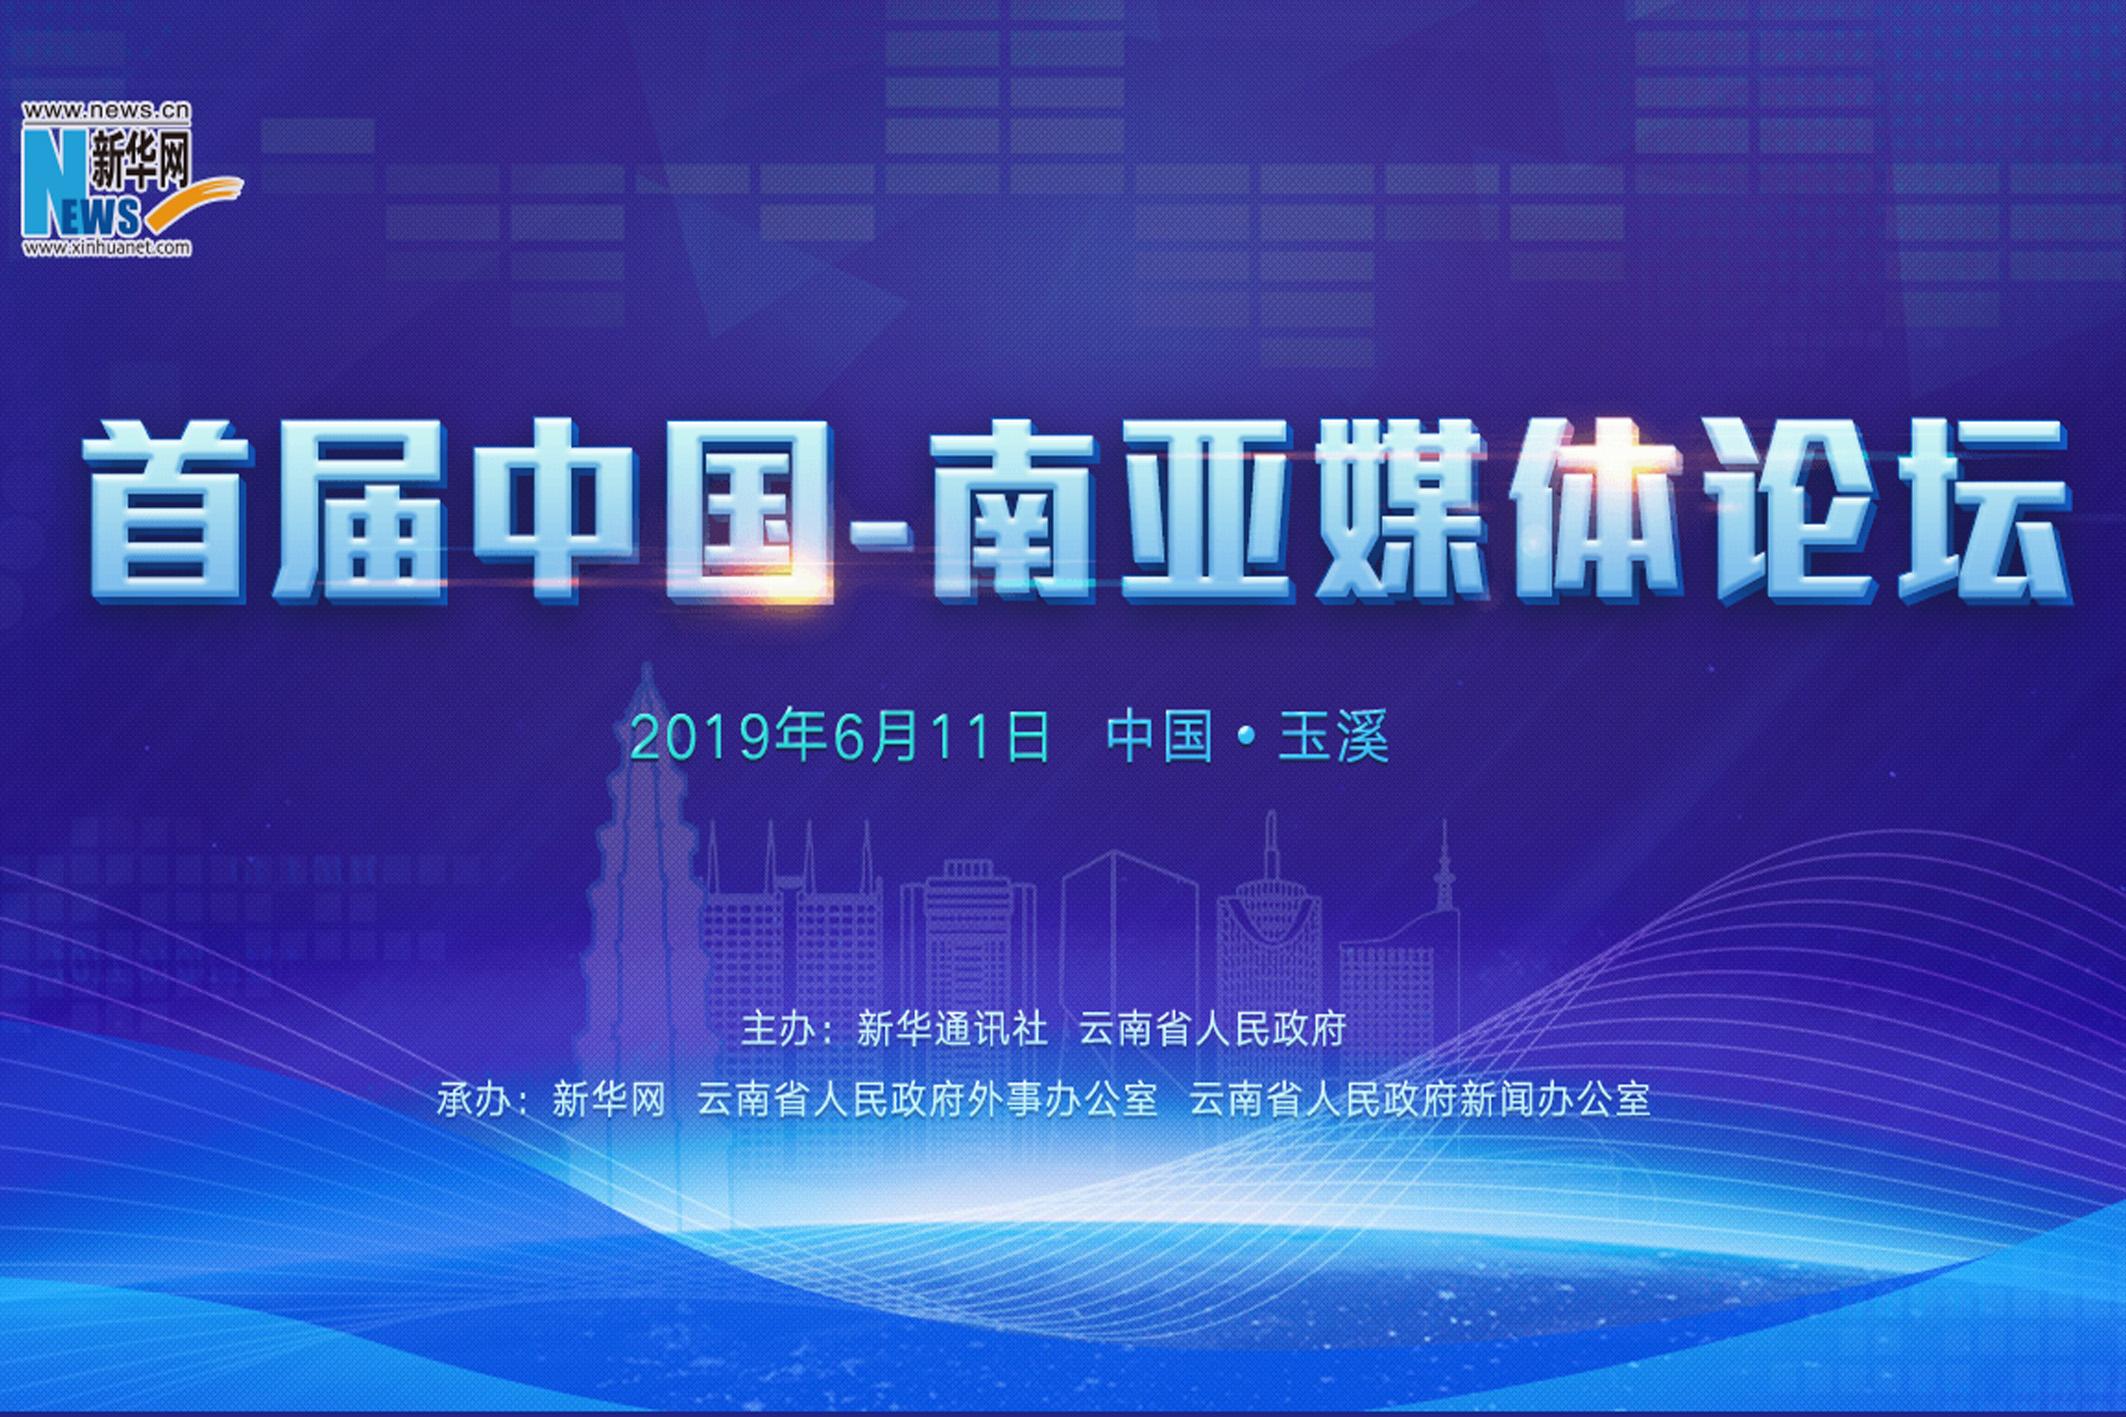 首屆中國-南亞媒體論壇